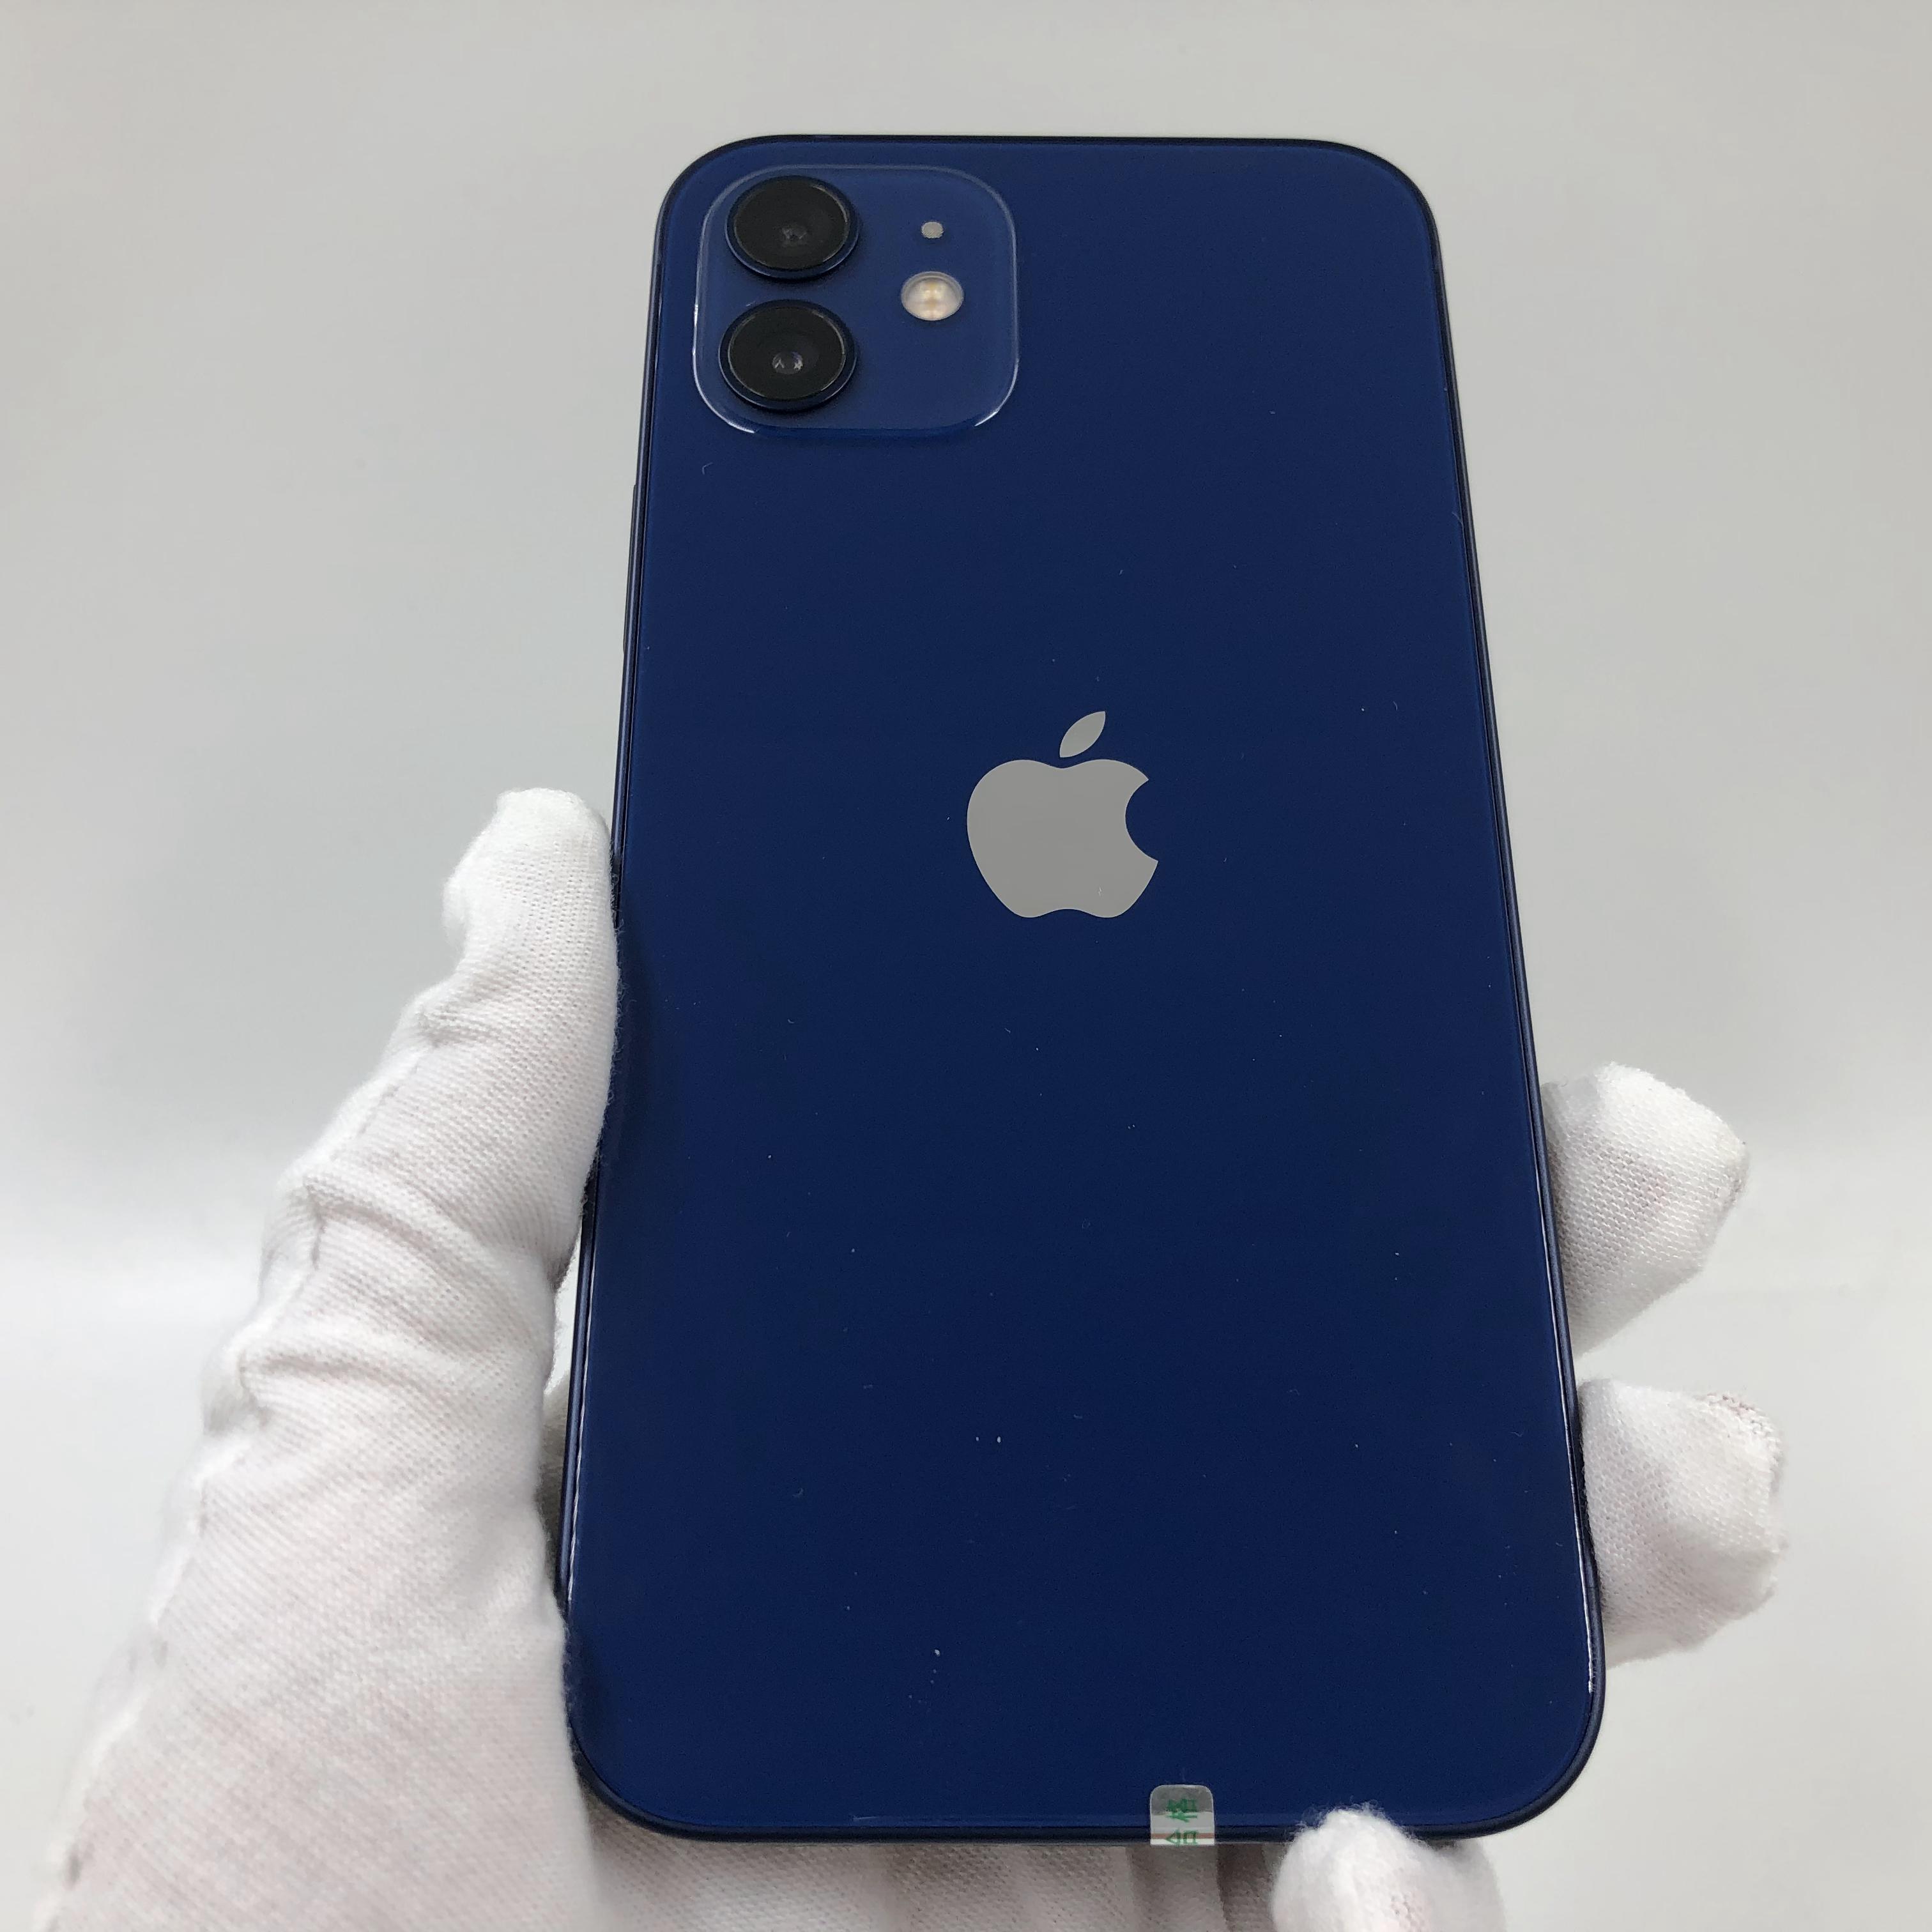 苹果【iPhone 12】5G全网通 蓝色 256G 国行 8成新 真机实拍